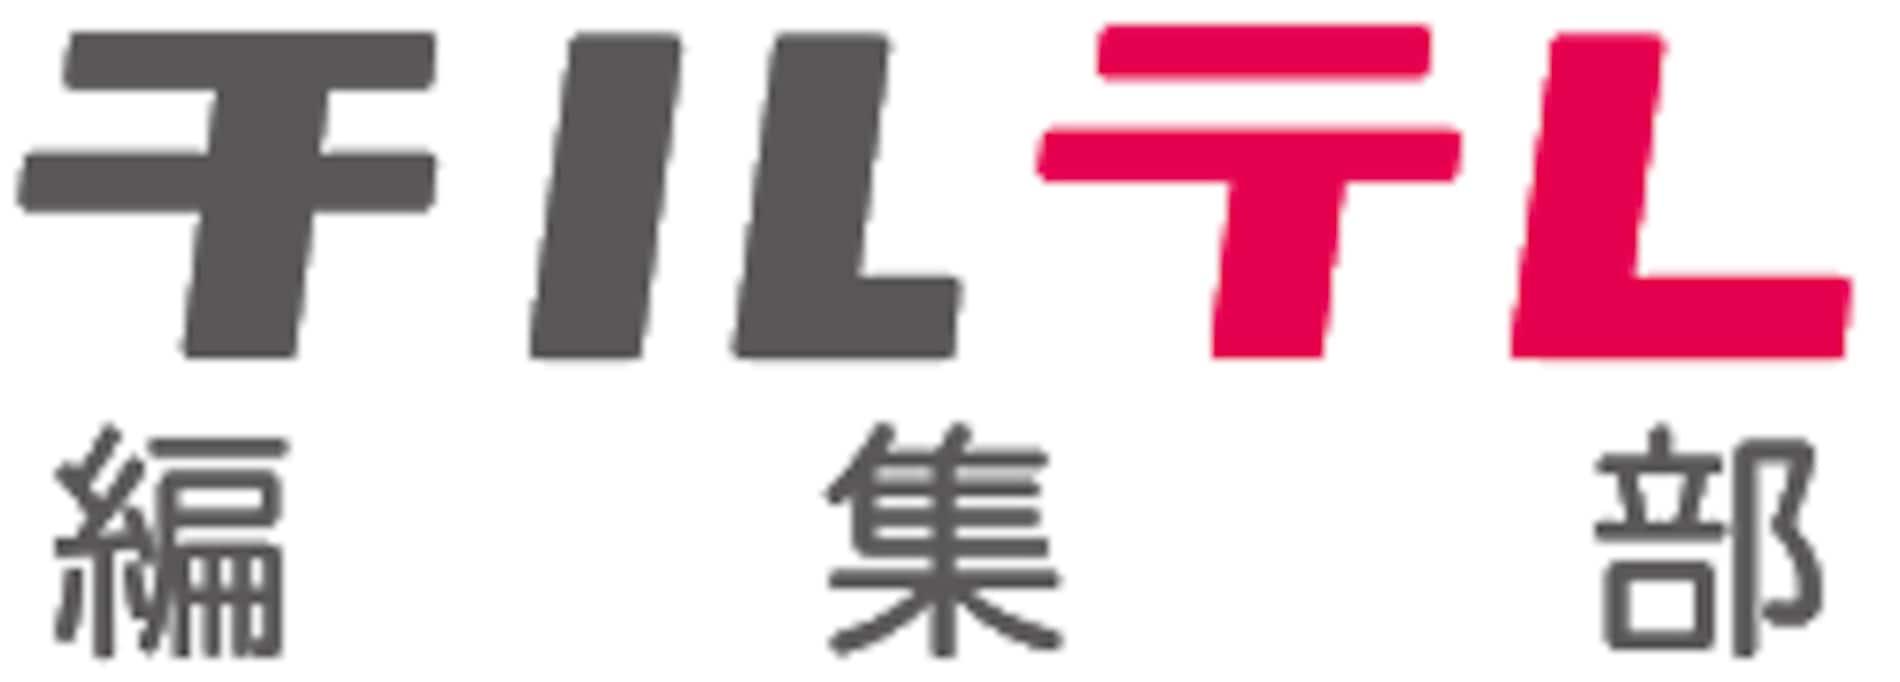 チルテレ編集部